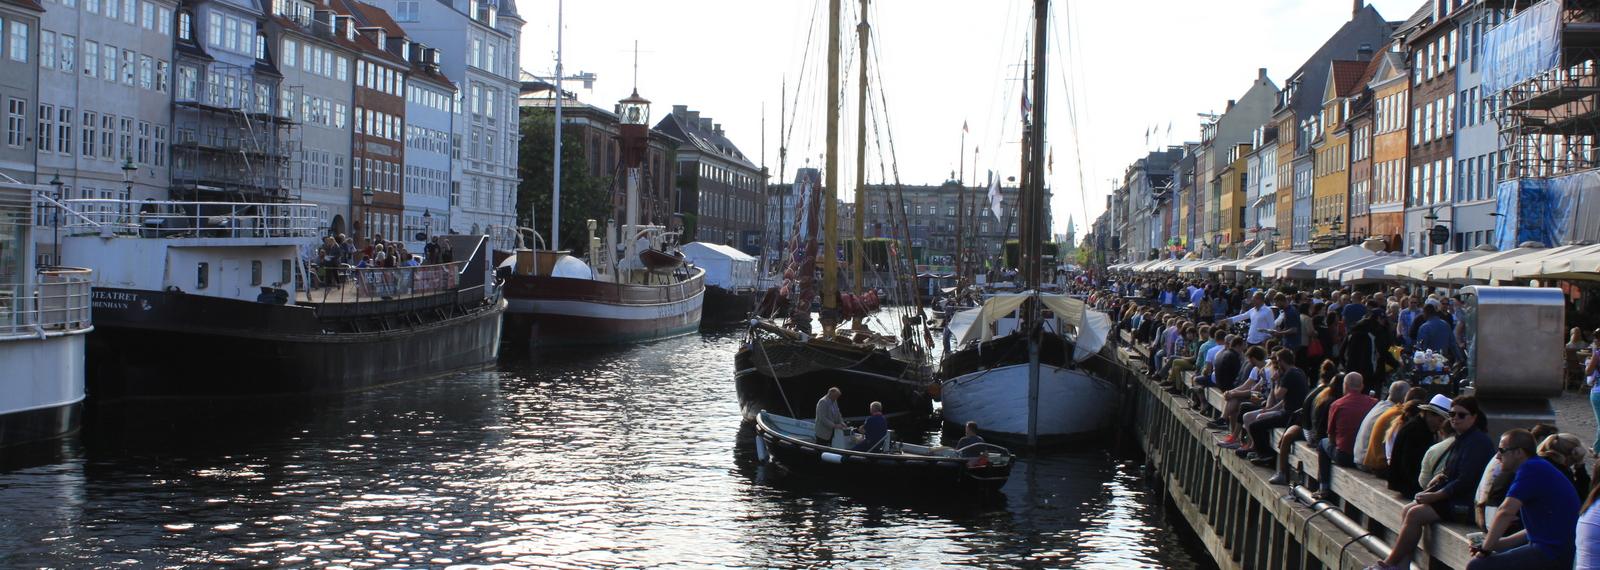 Nyhavn, Kopenhagen, Denmark